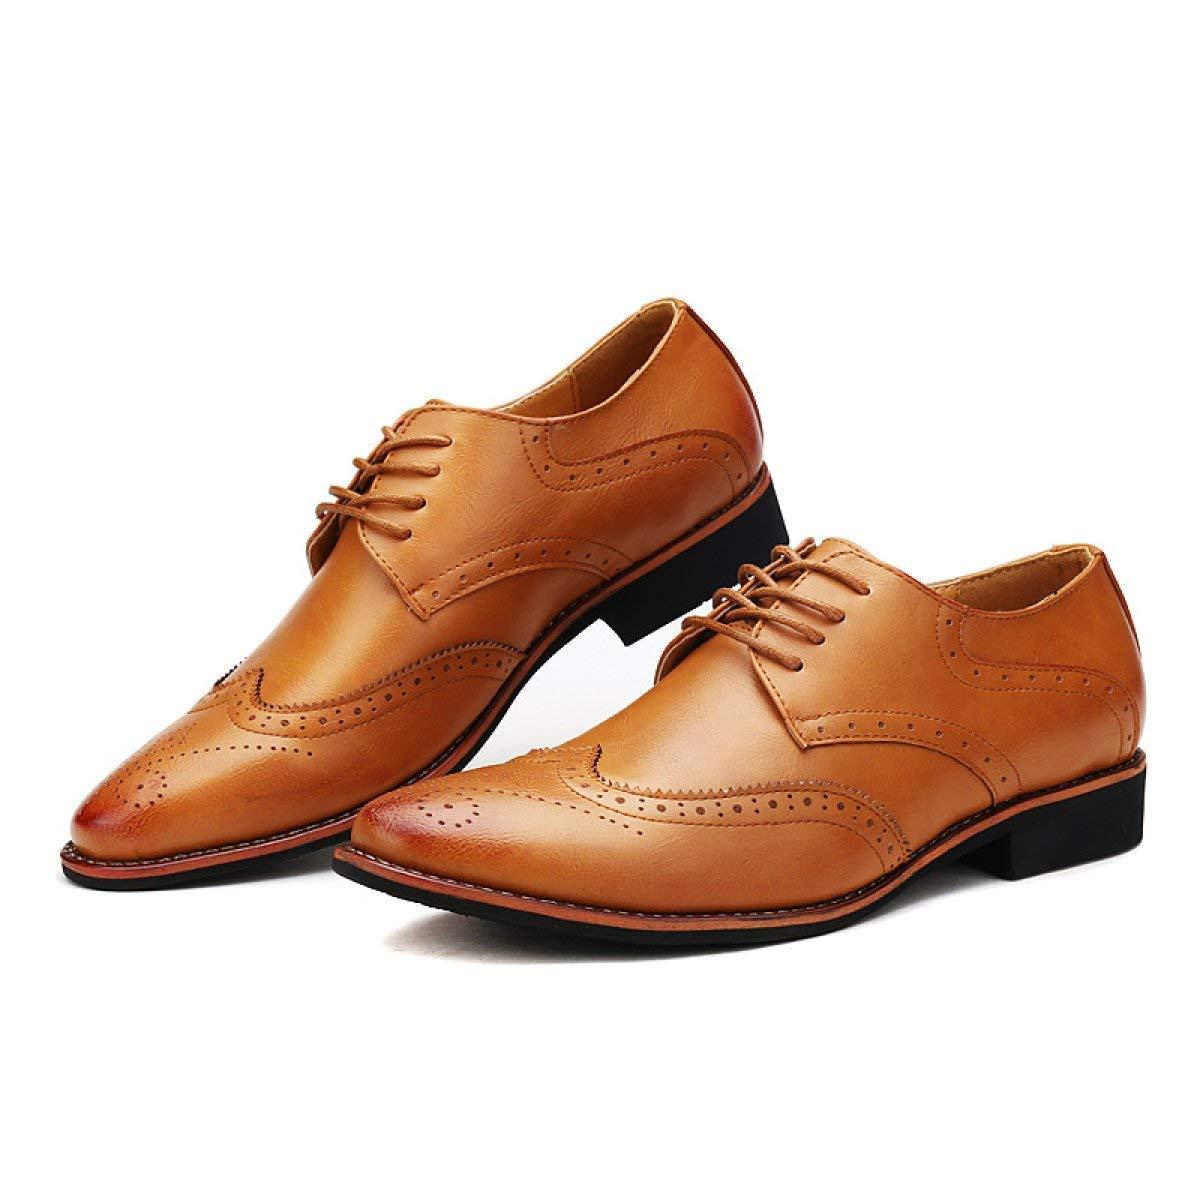 Willsego Herren Business Business Business Schuhe Breathable Freizeitschuhe (Farbe   Weiß, Größe   38)  796d57